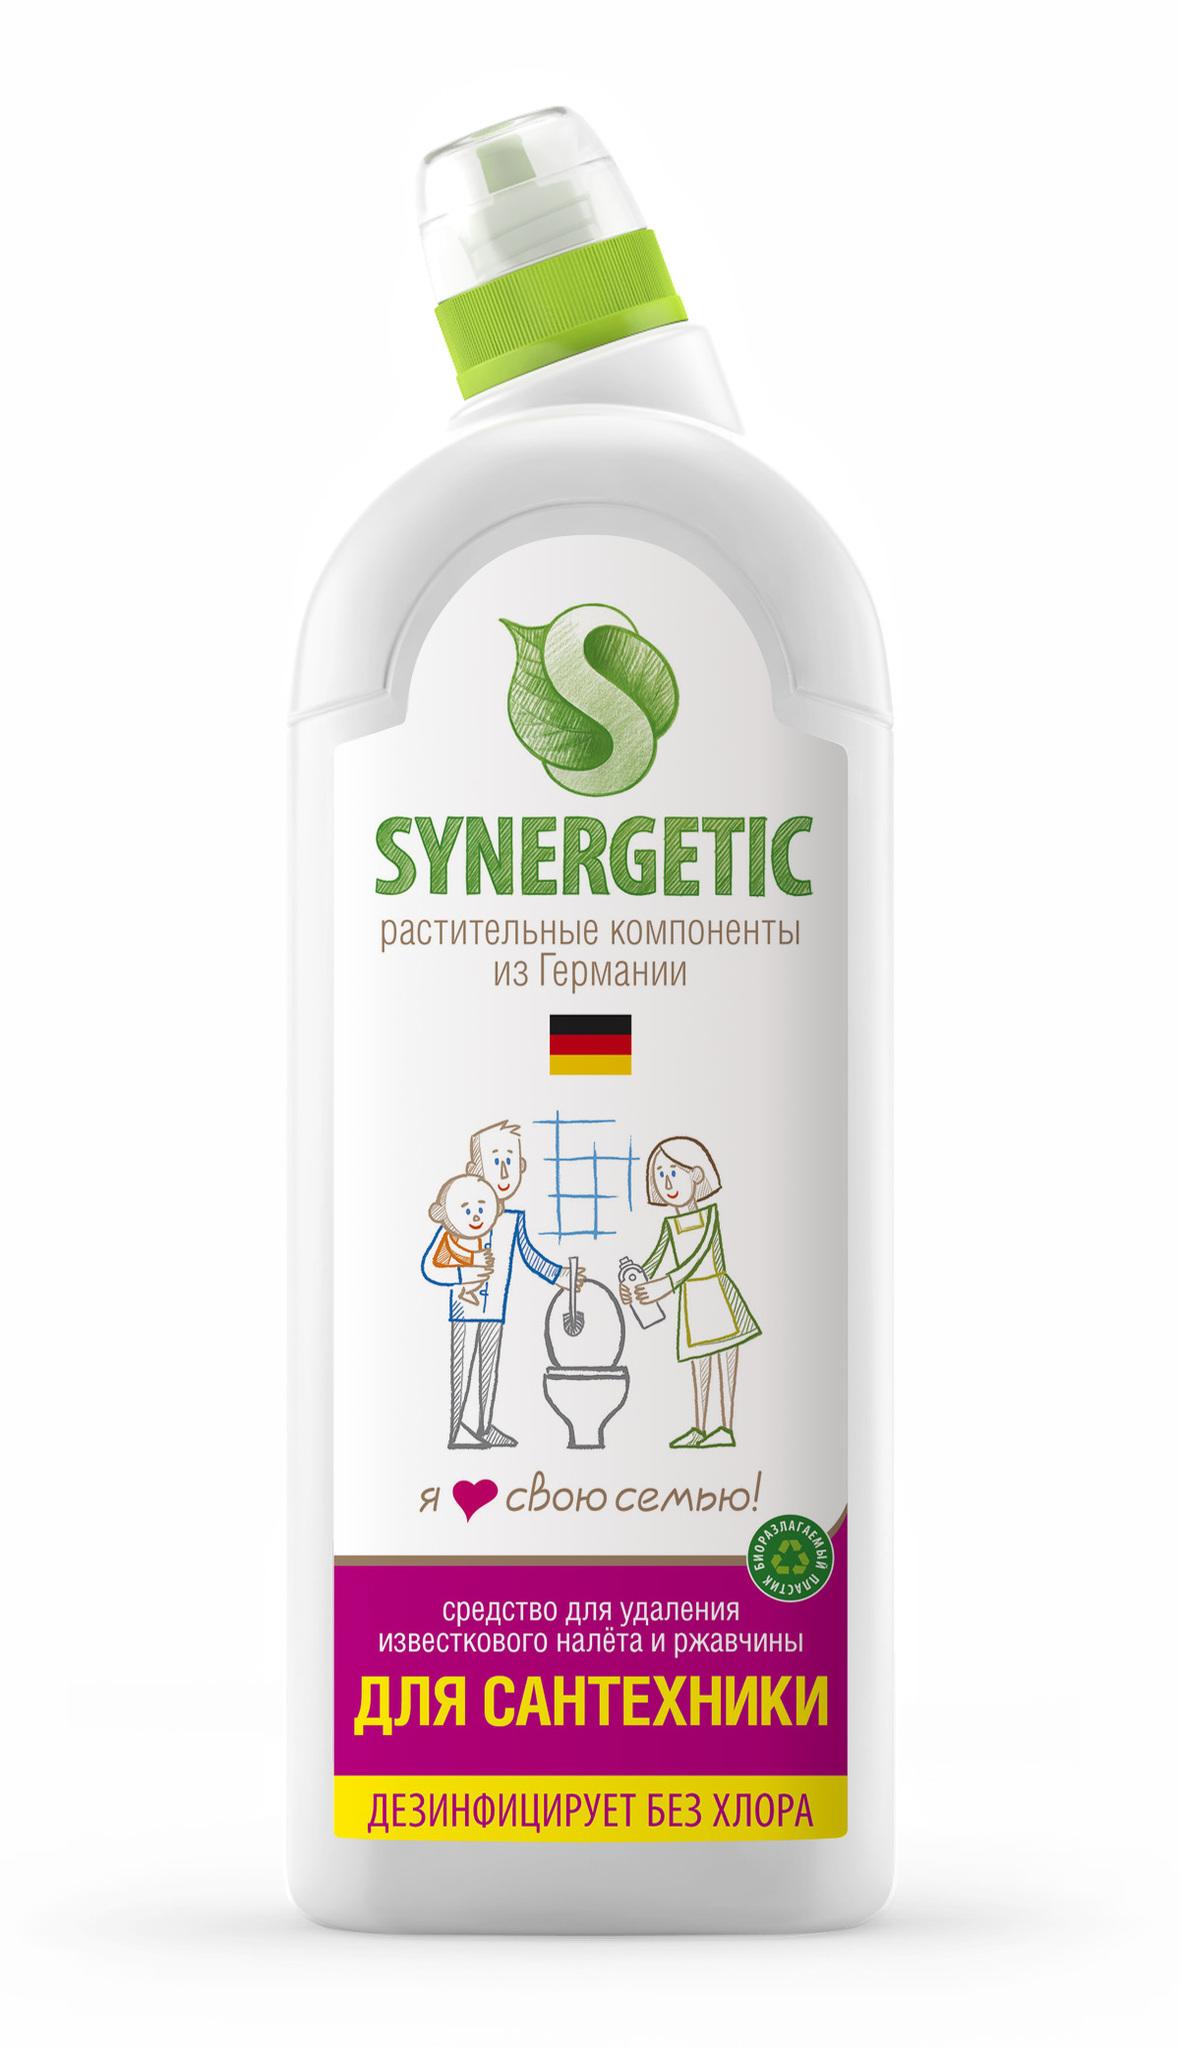 Жидкость для сантехники, SYNERGETIC, 1 л.